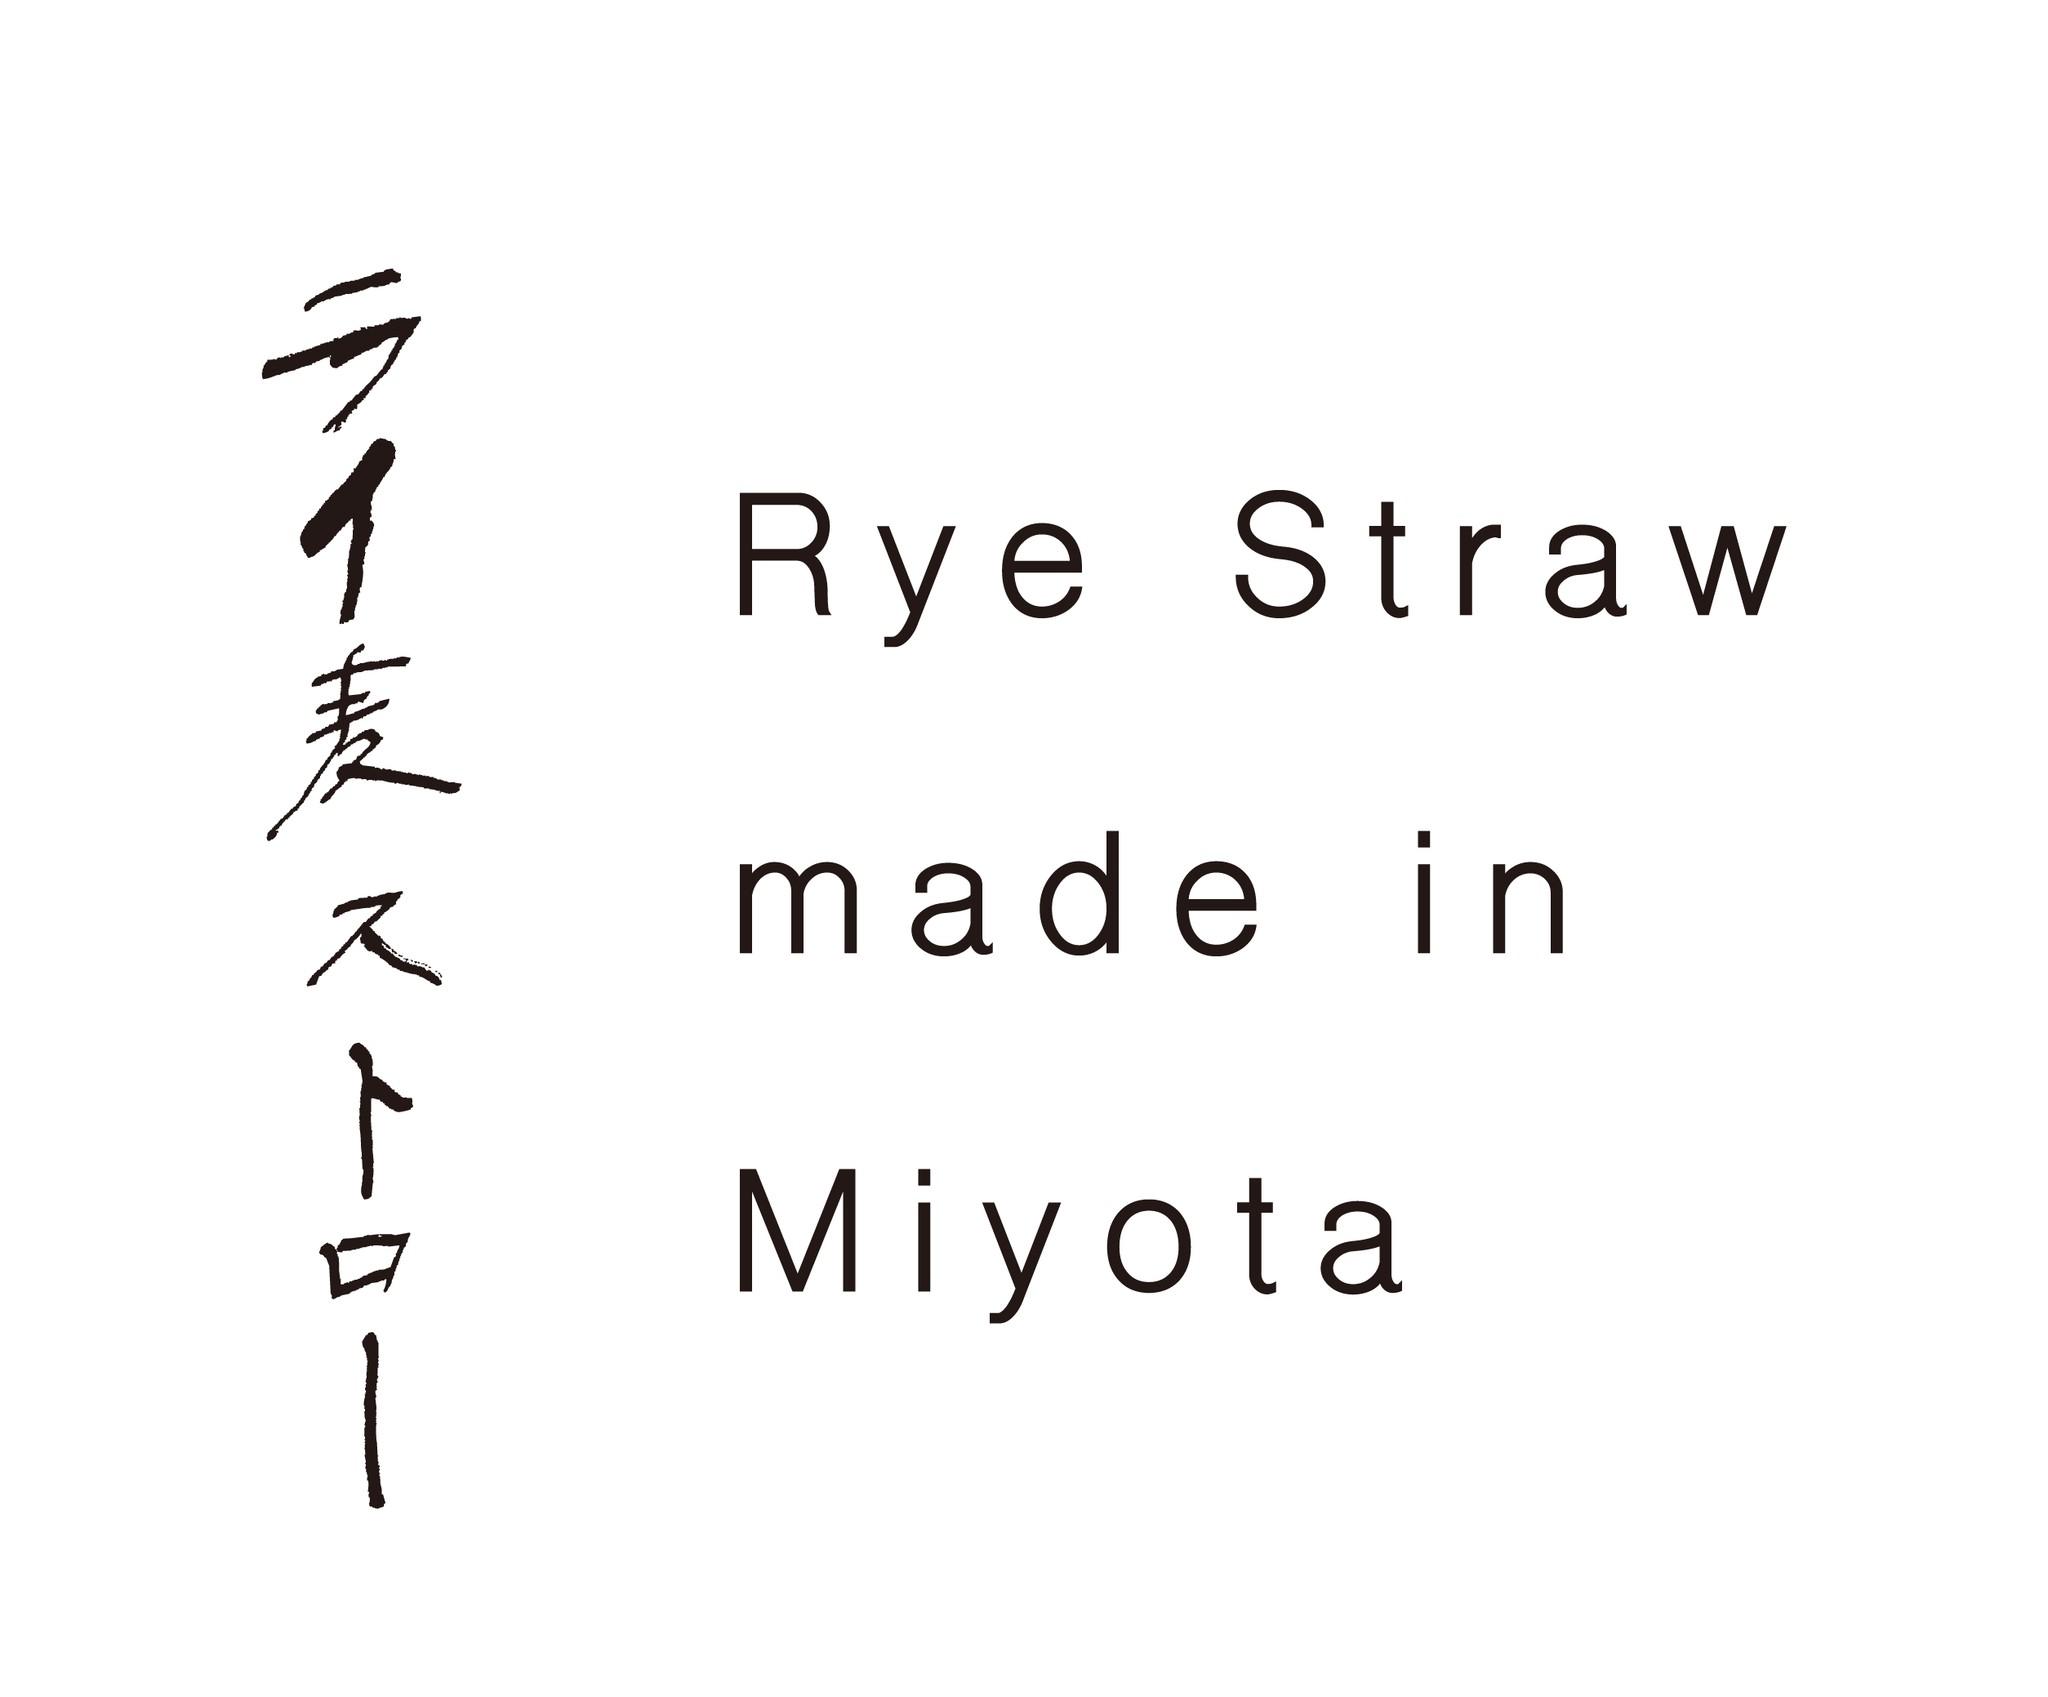 ryestraw